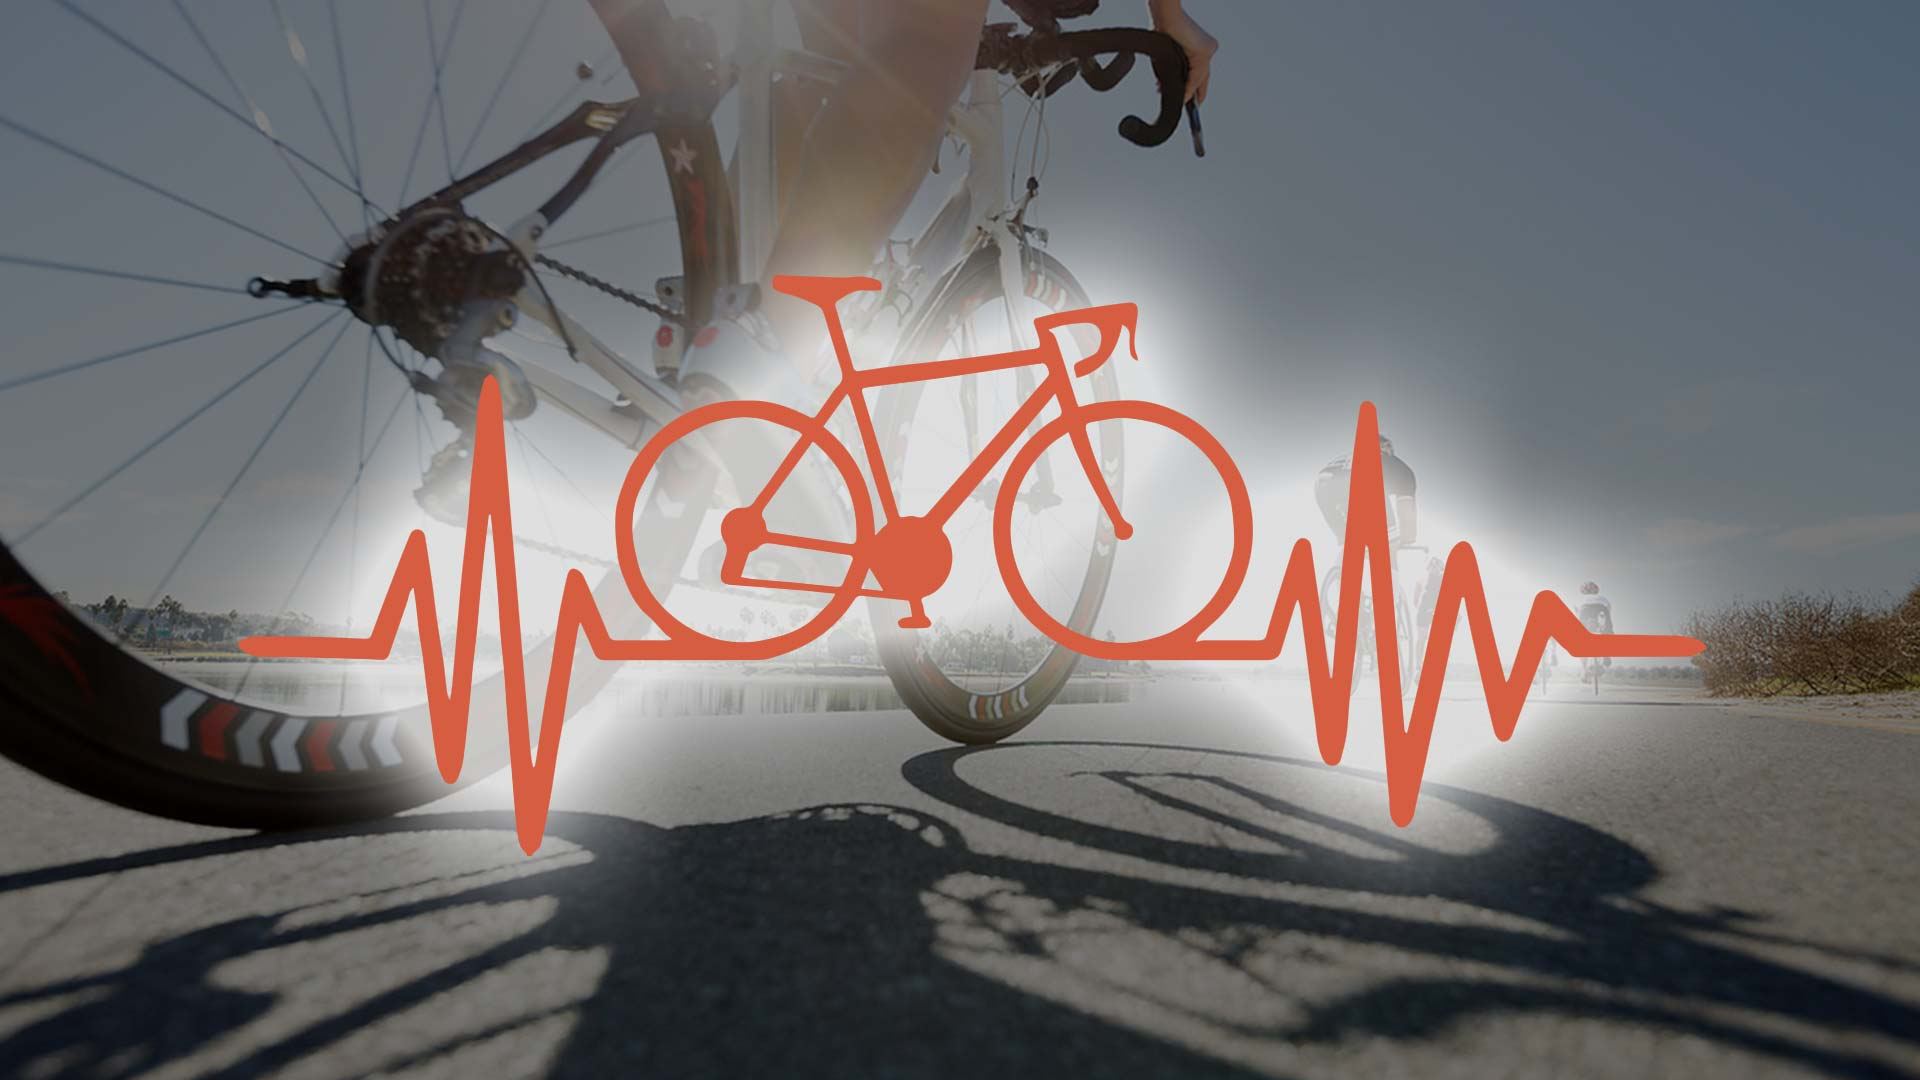 Hartslag wielrennen: een gids met alles wat je wil weten